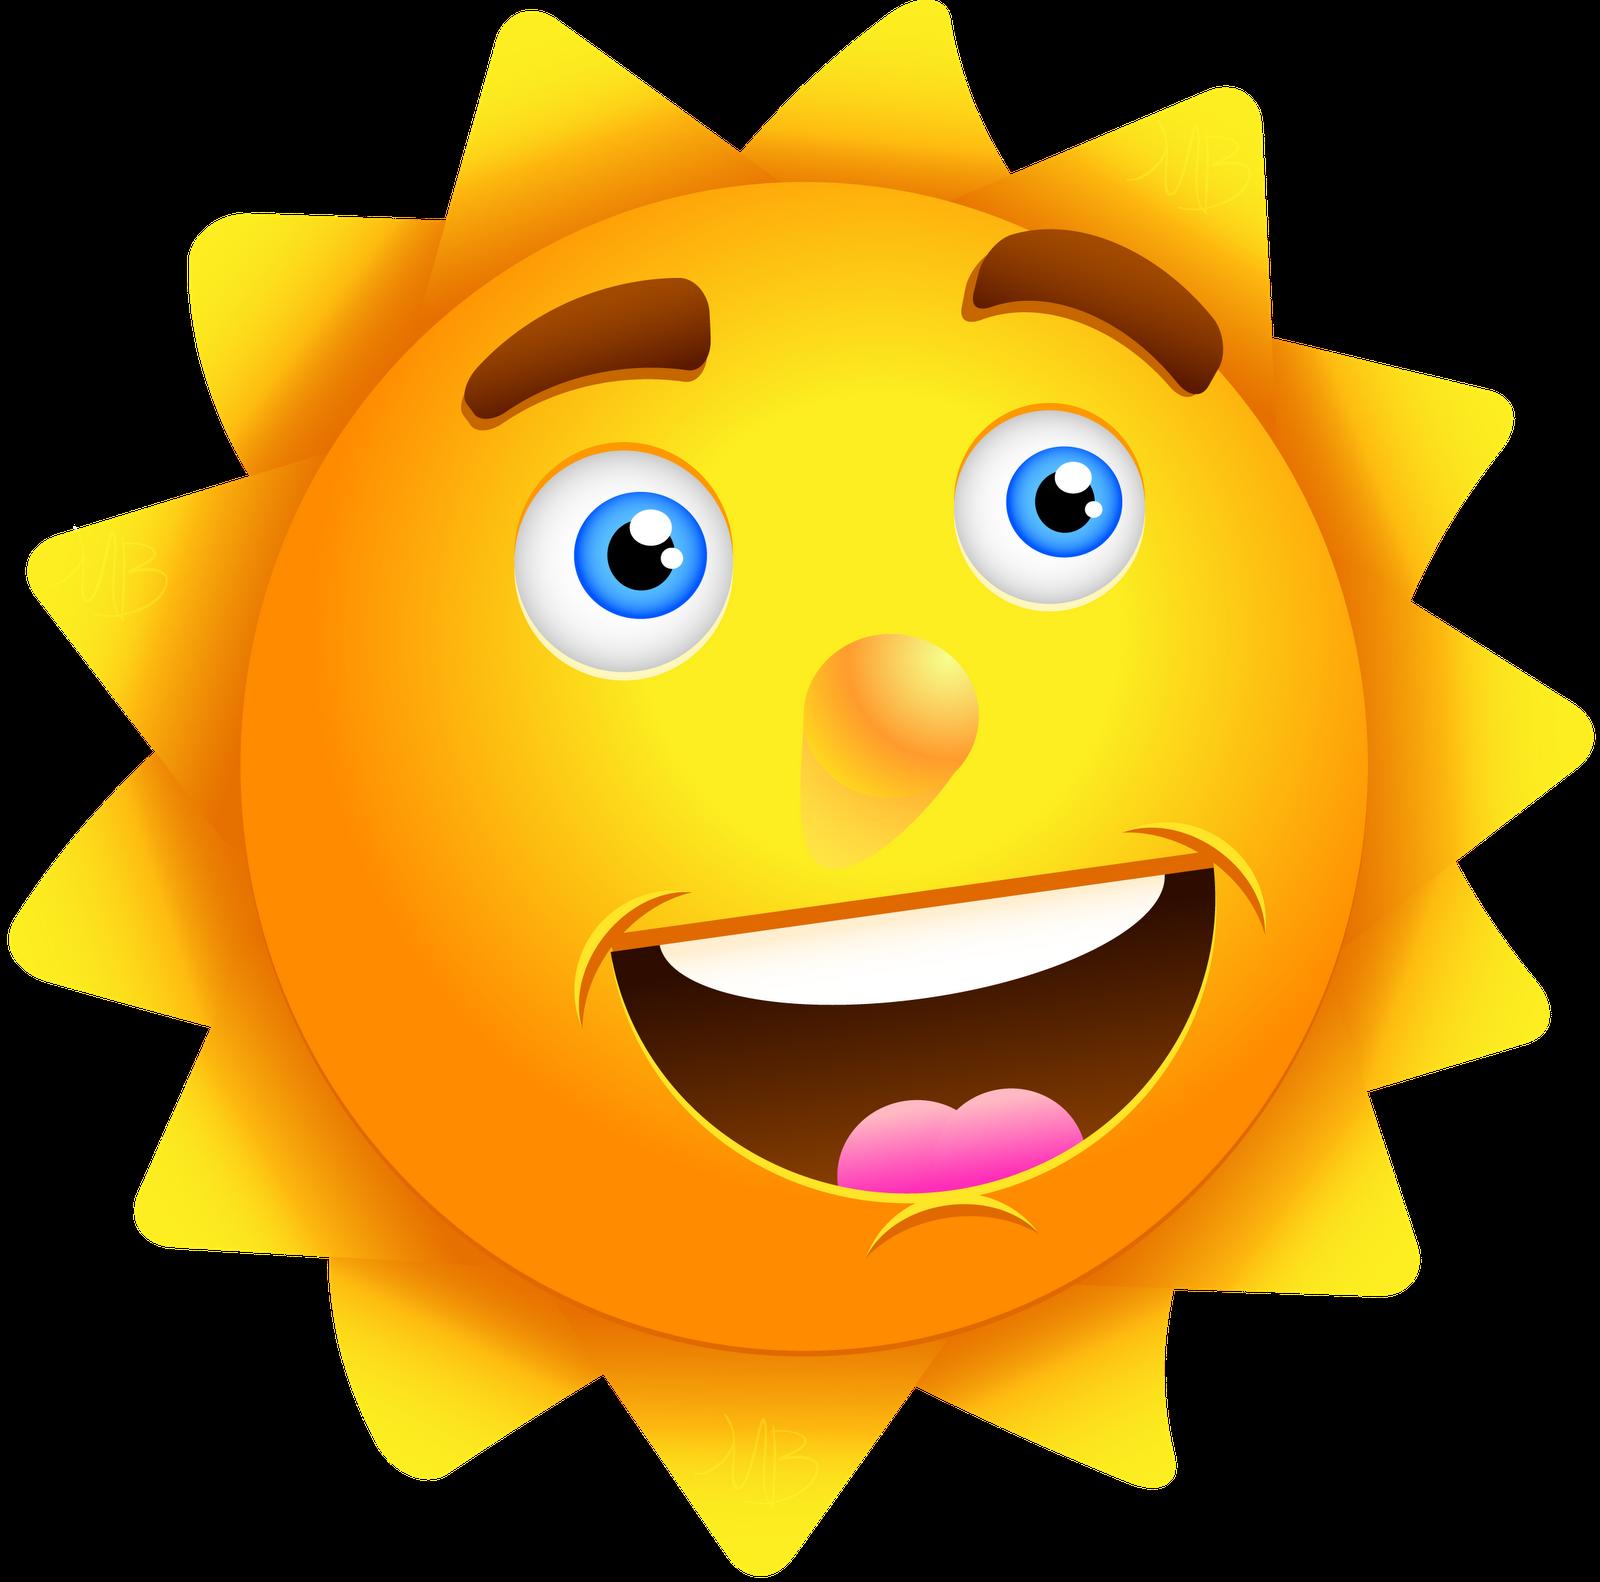 PNG Hot Sun - 47258